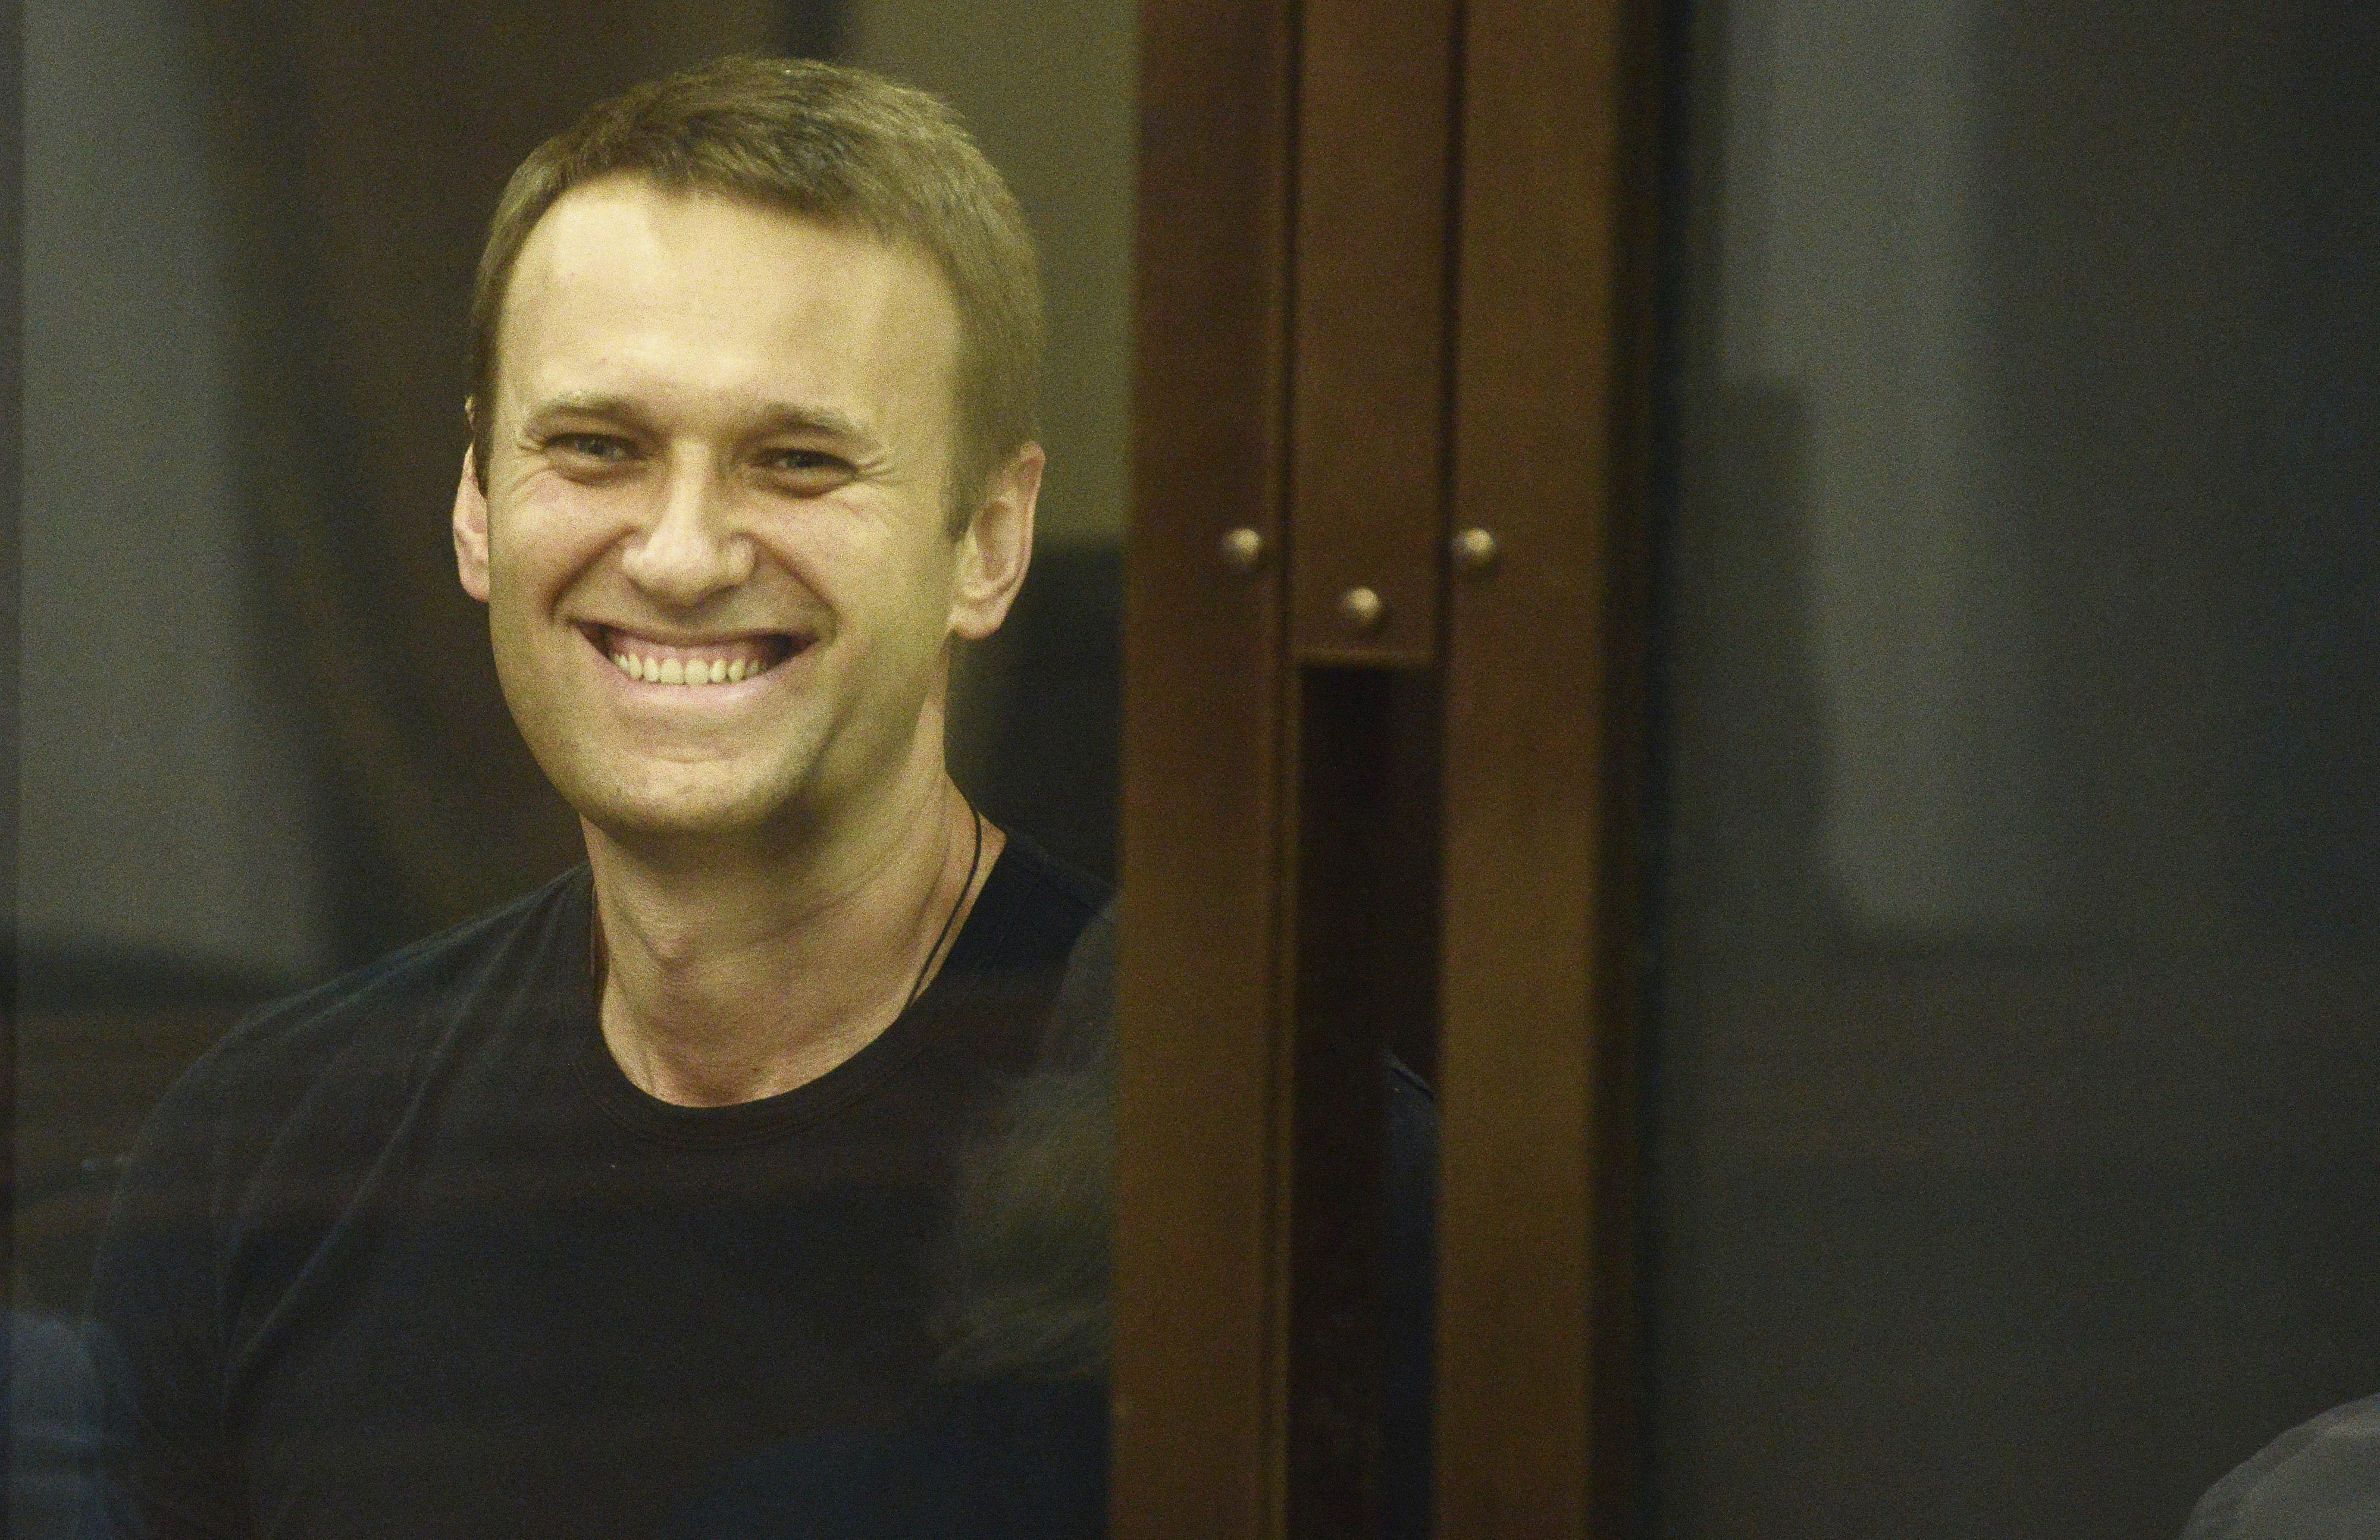 El alcalde de Moscú es partidario de que Navalni se presente a las elecciones